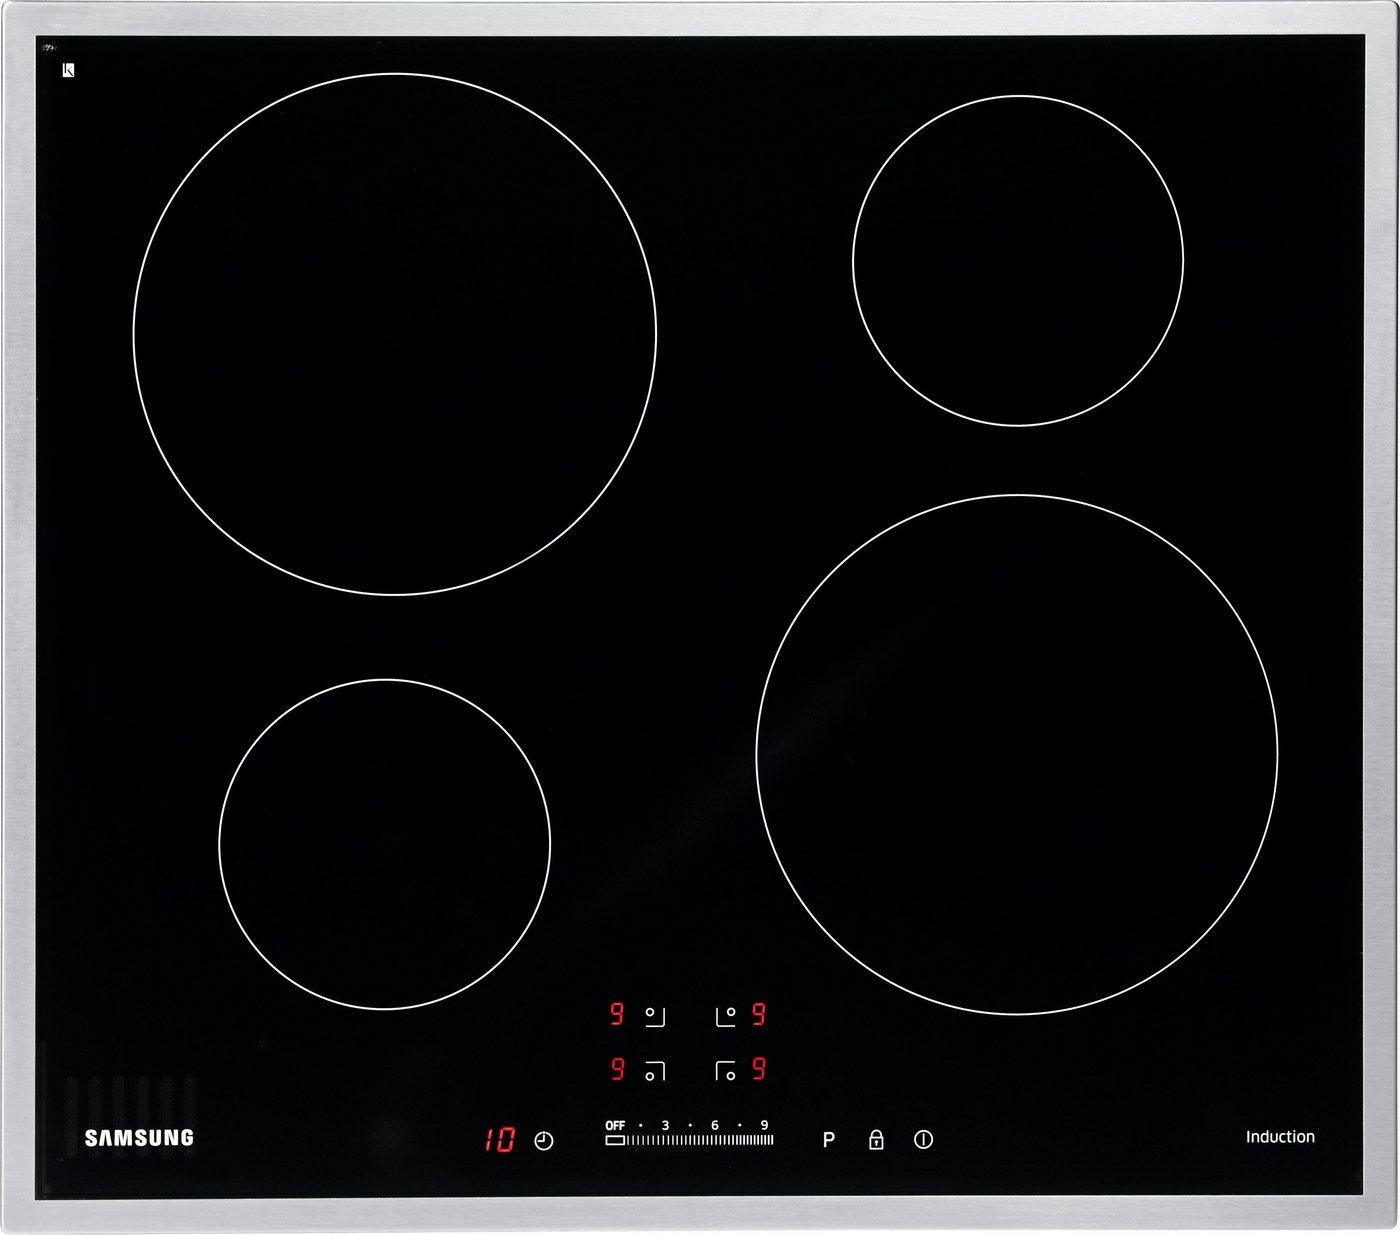 Samsung Induktions-Kochfeld NZ64H37075K/EG, mit Gartimer - Samsung